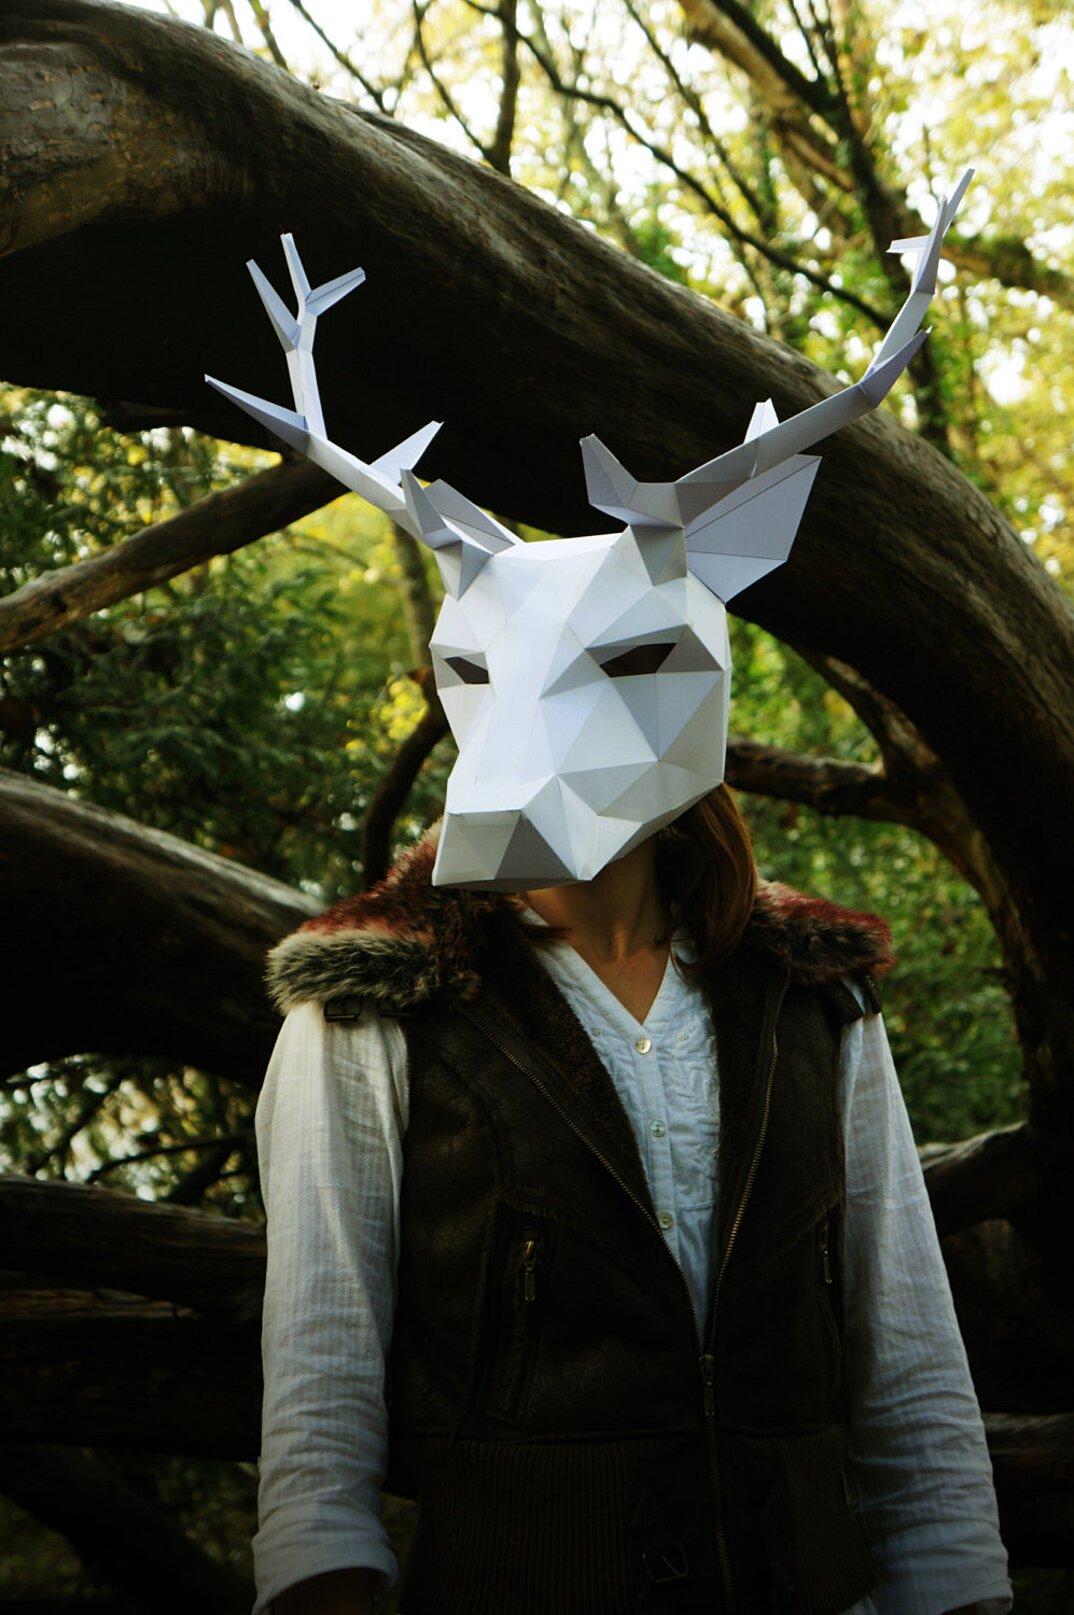 maschere-halloween-fai-da-te-geometriche-wintercroft-04